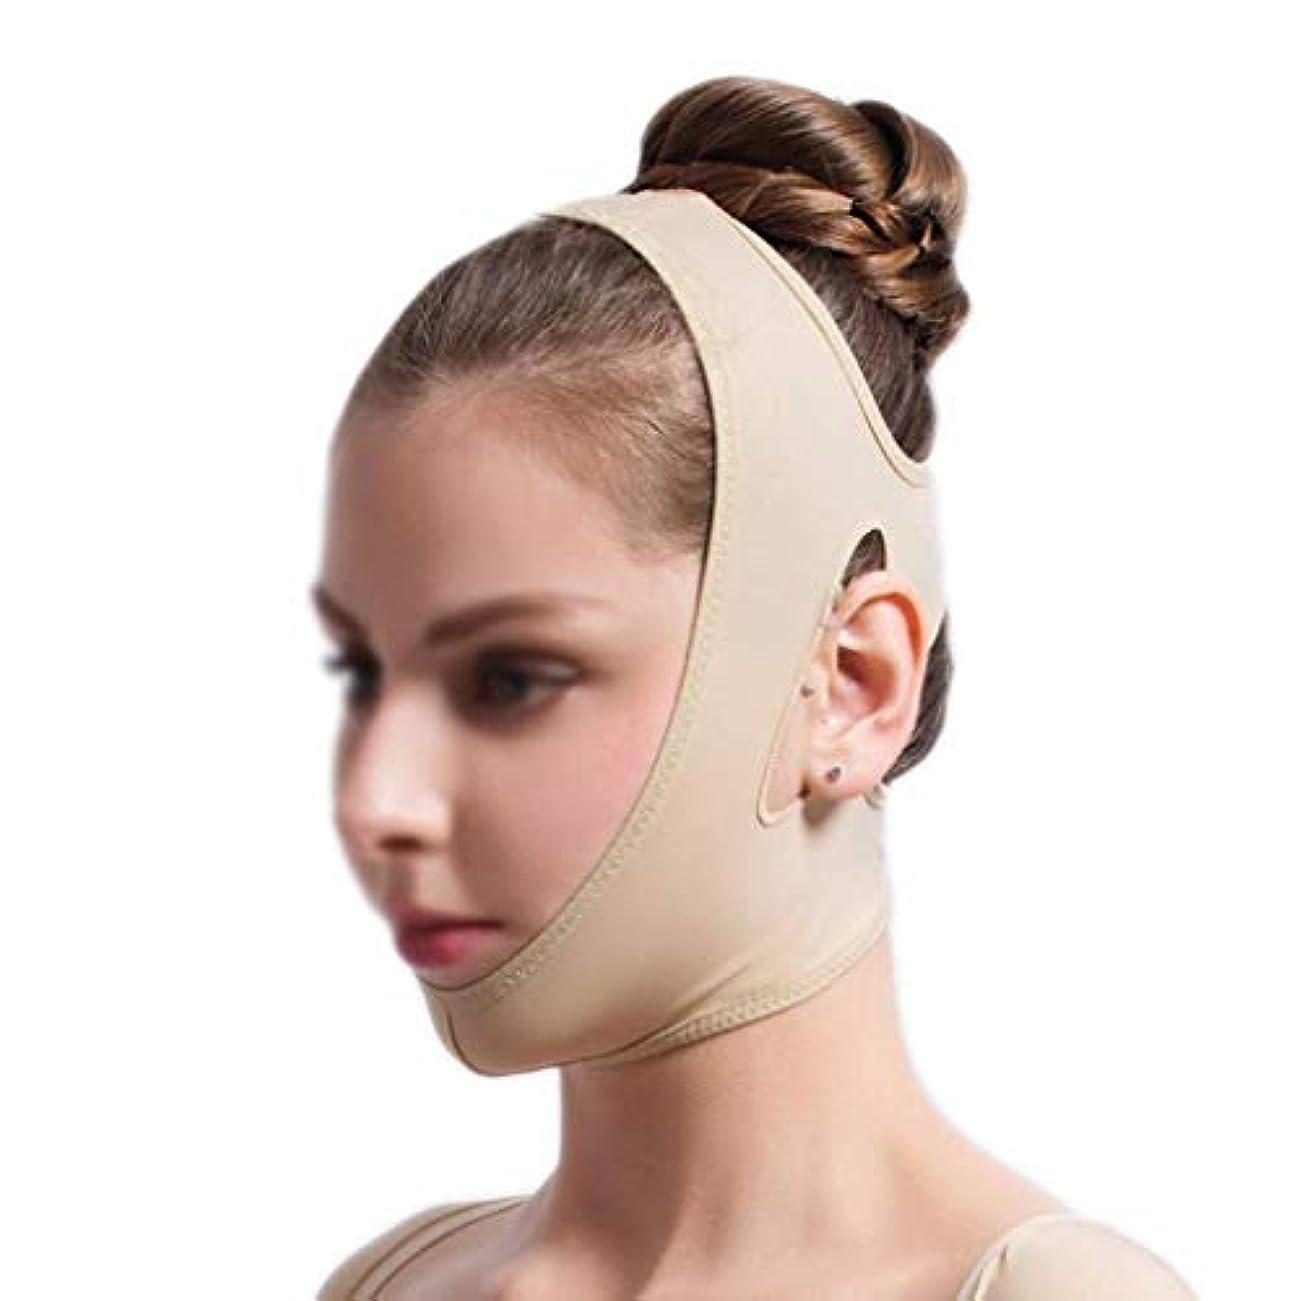 と闘う位置する以来フェイスリフティングバンデージ、フェイシャル減量マスク、フェイシャルリフティングスリミングベルト、痩身チークマスク(サイズ:S),M